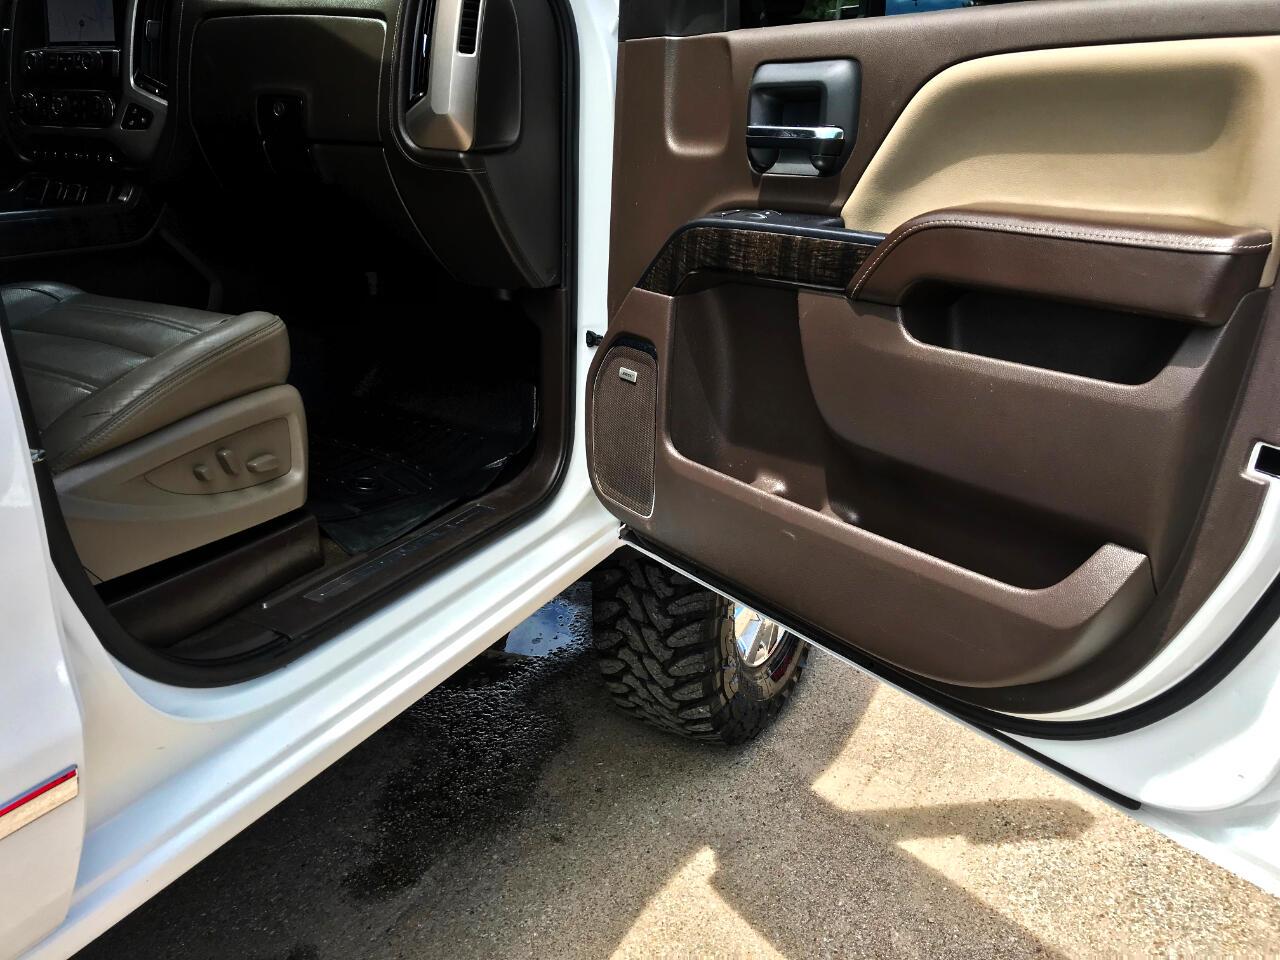 2016 GMC Sierra 2500HD DENALI CREW CAB SHORT BED 4WD CUSTOM LIFTED